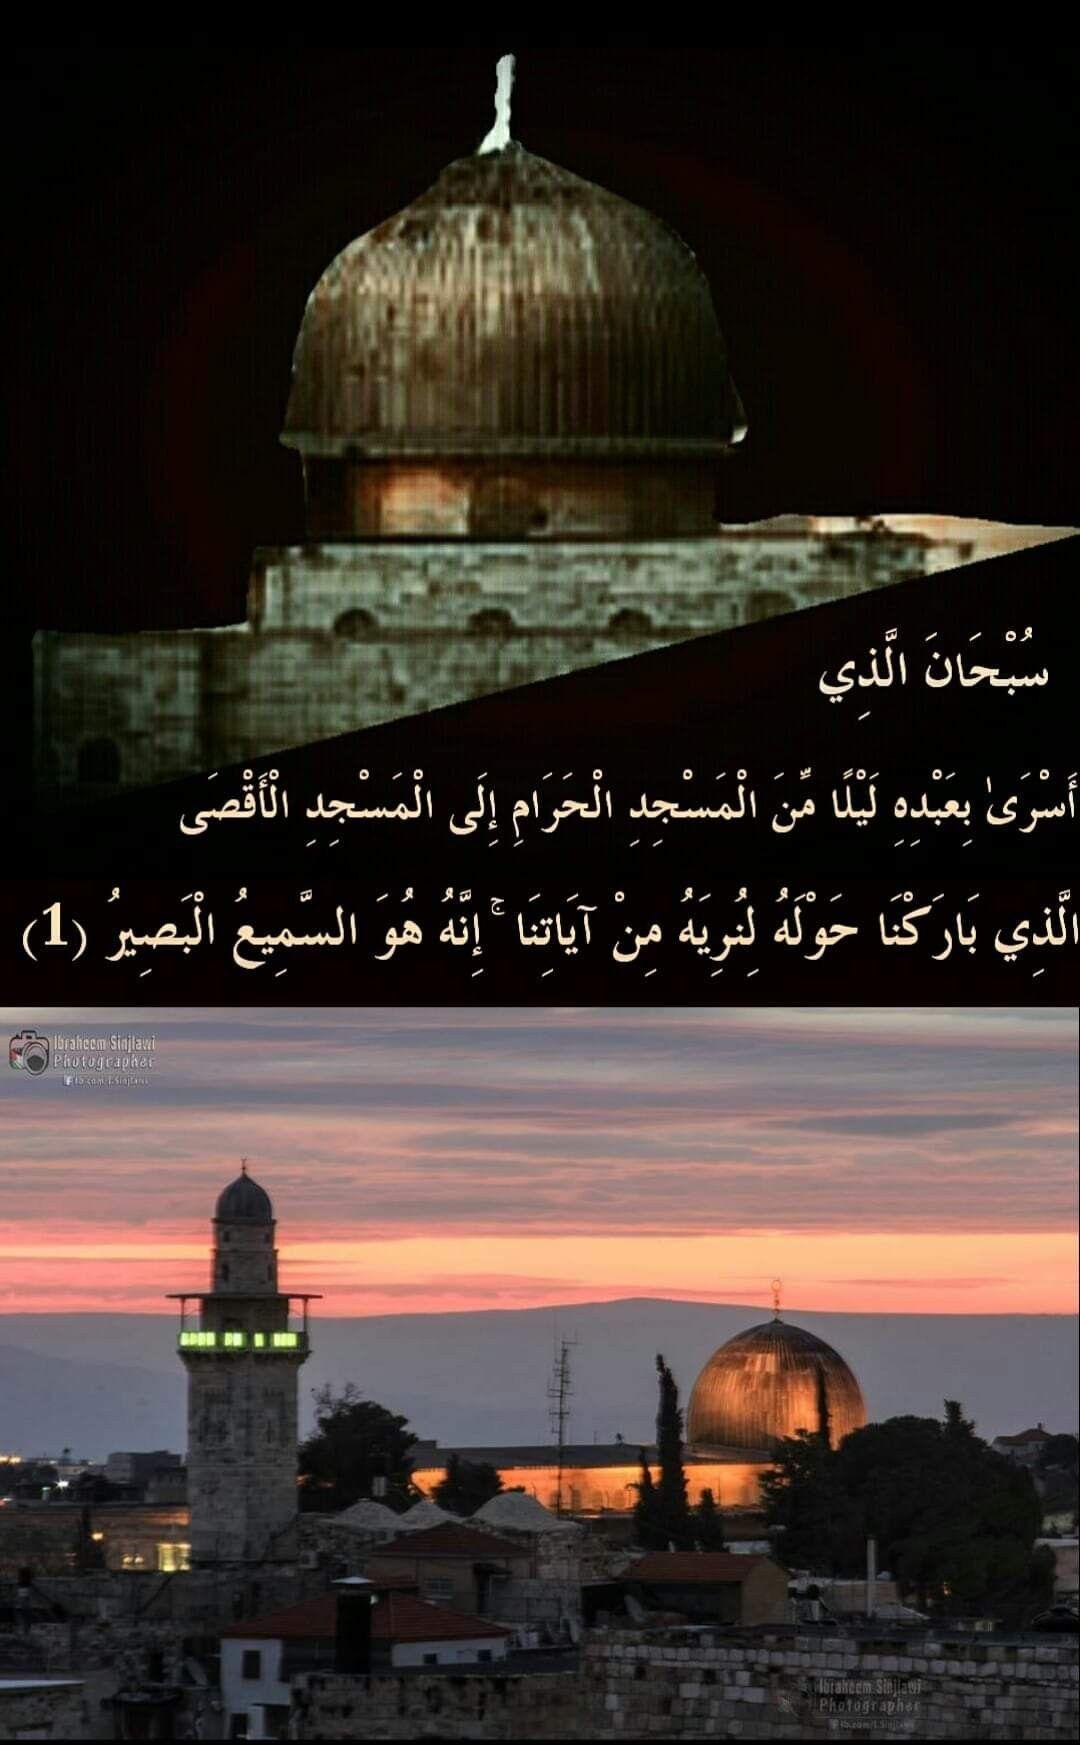 صباح القدس عاصمة فلسطين الأبدية الإسراء والمعراج Islam Muslim Movie Posters Poster